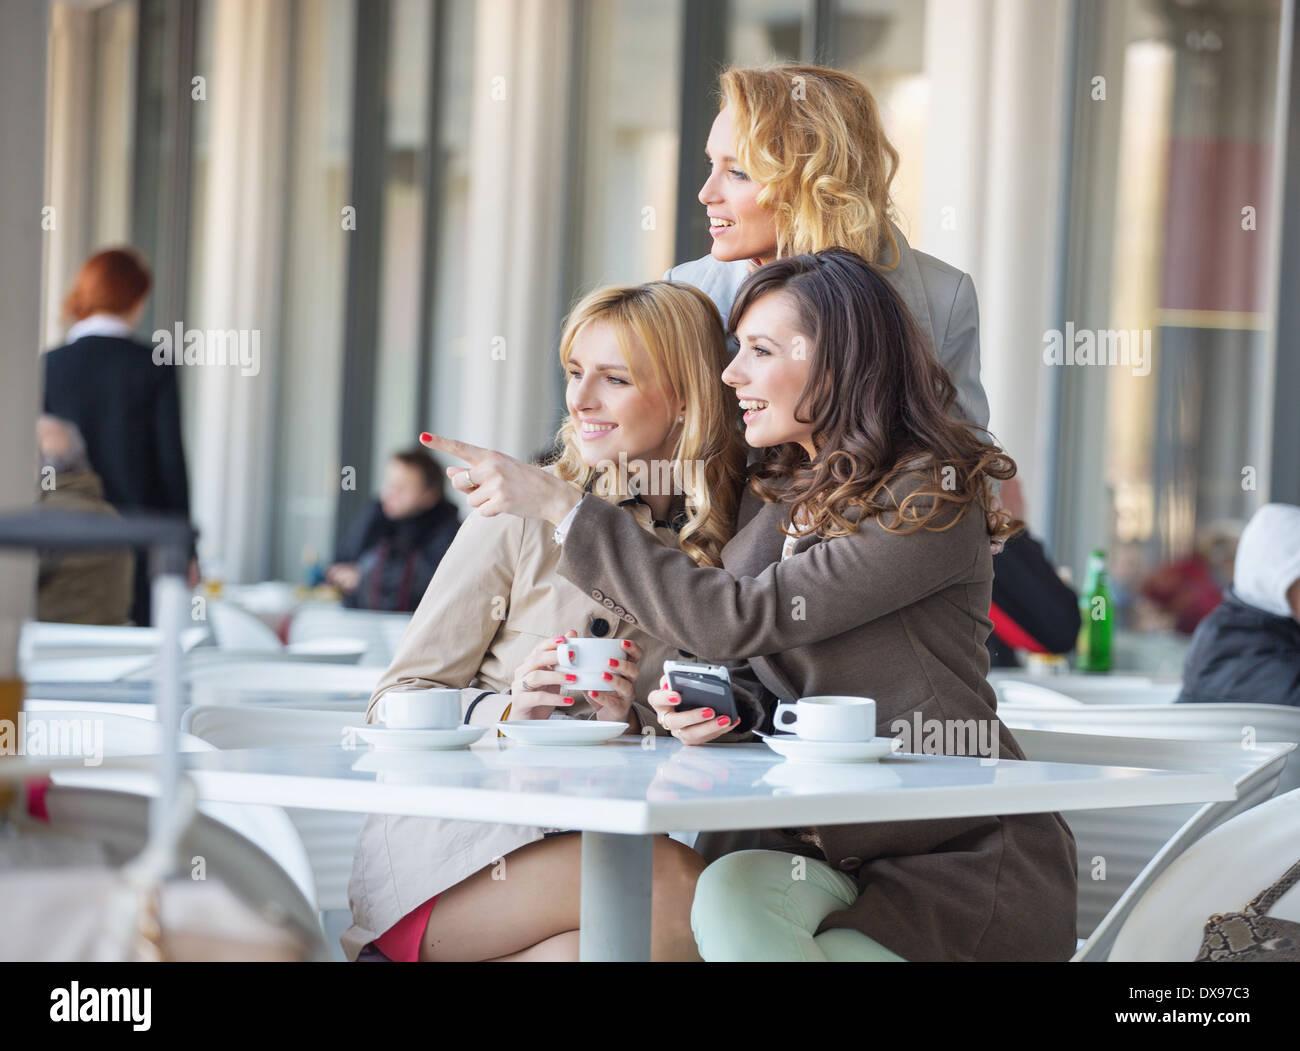 Intelligente Frauen, die etwas Interessantes zu betrachten Stockbild